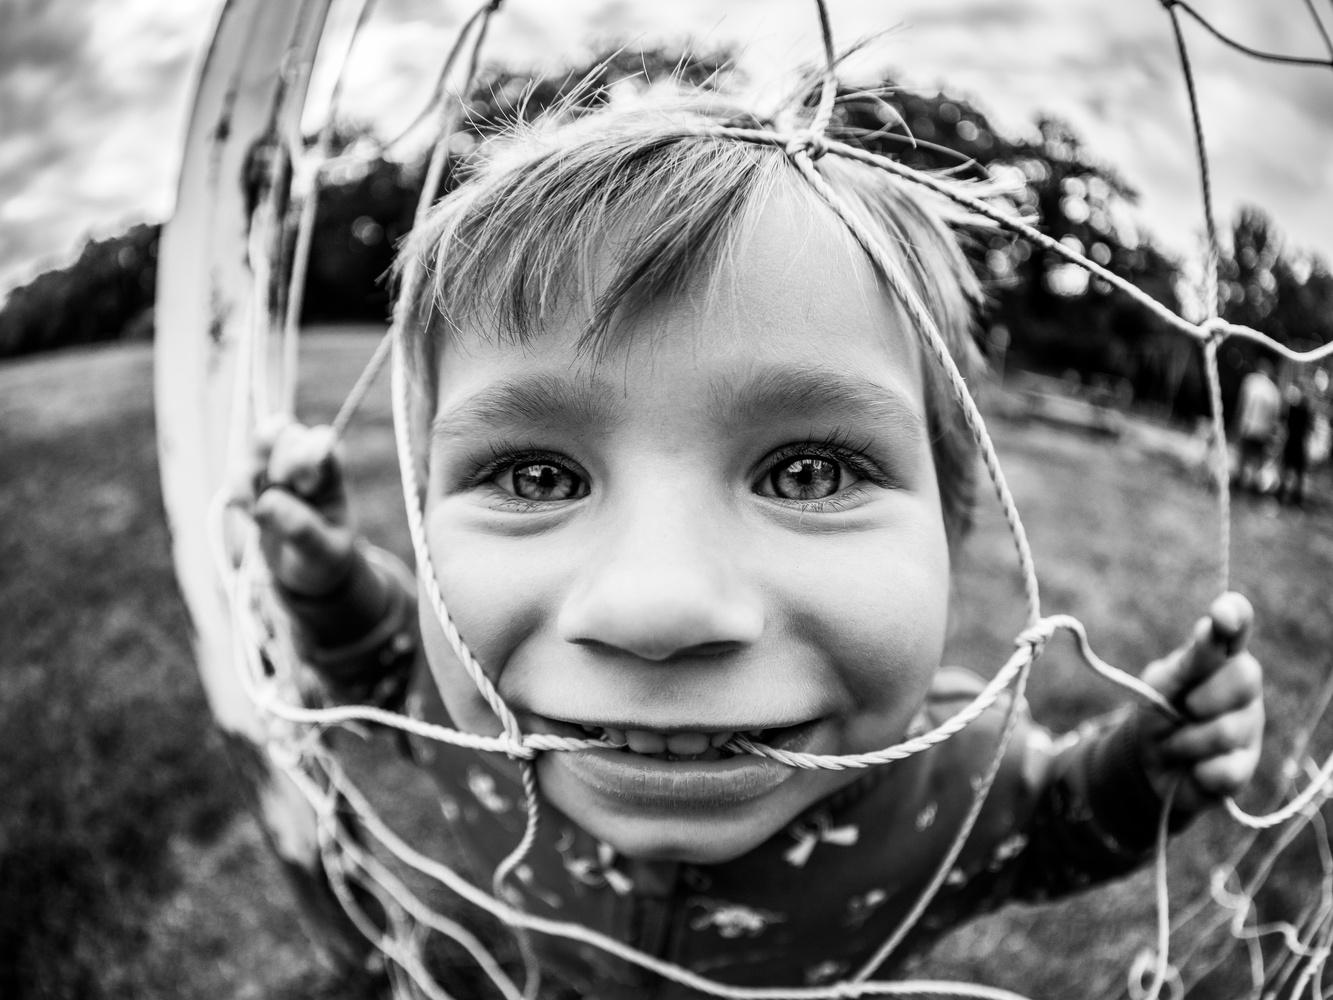 Fisheye portrait by Tomasz Kowalski